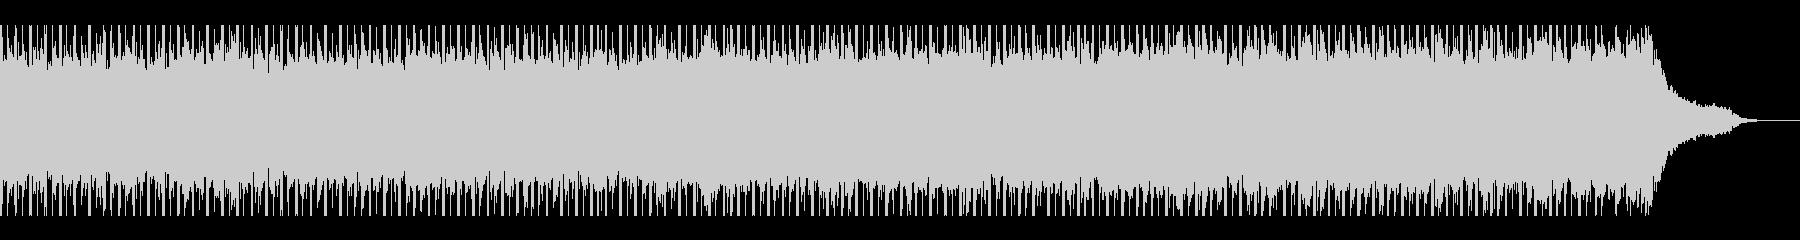 やる気(60秒)の未再生の波形